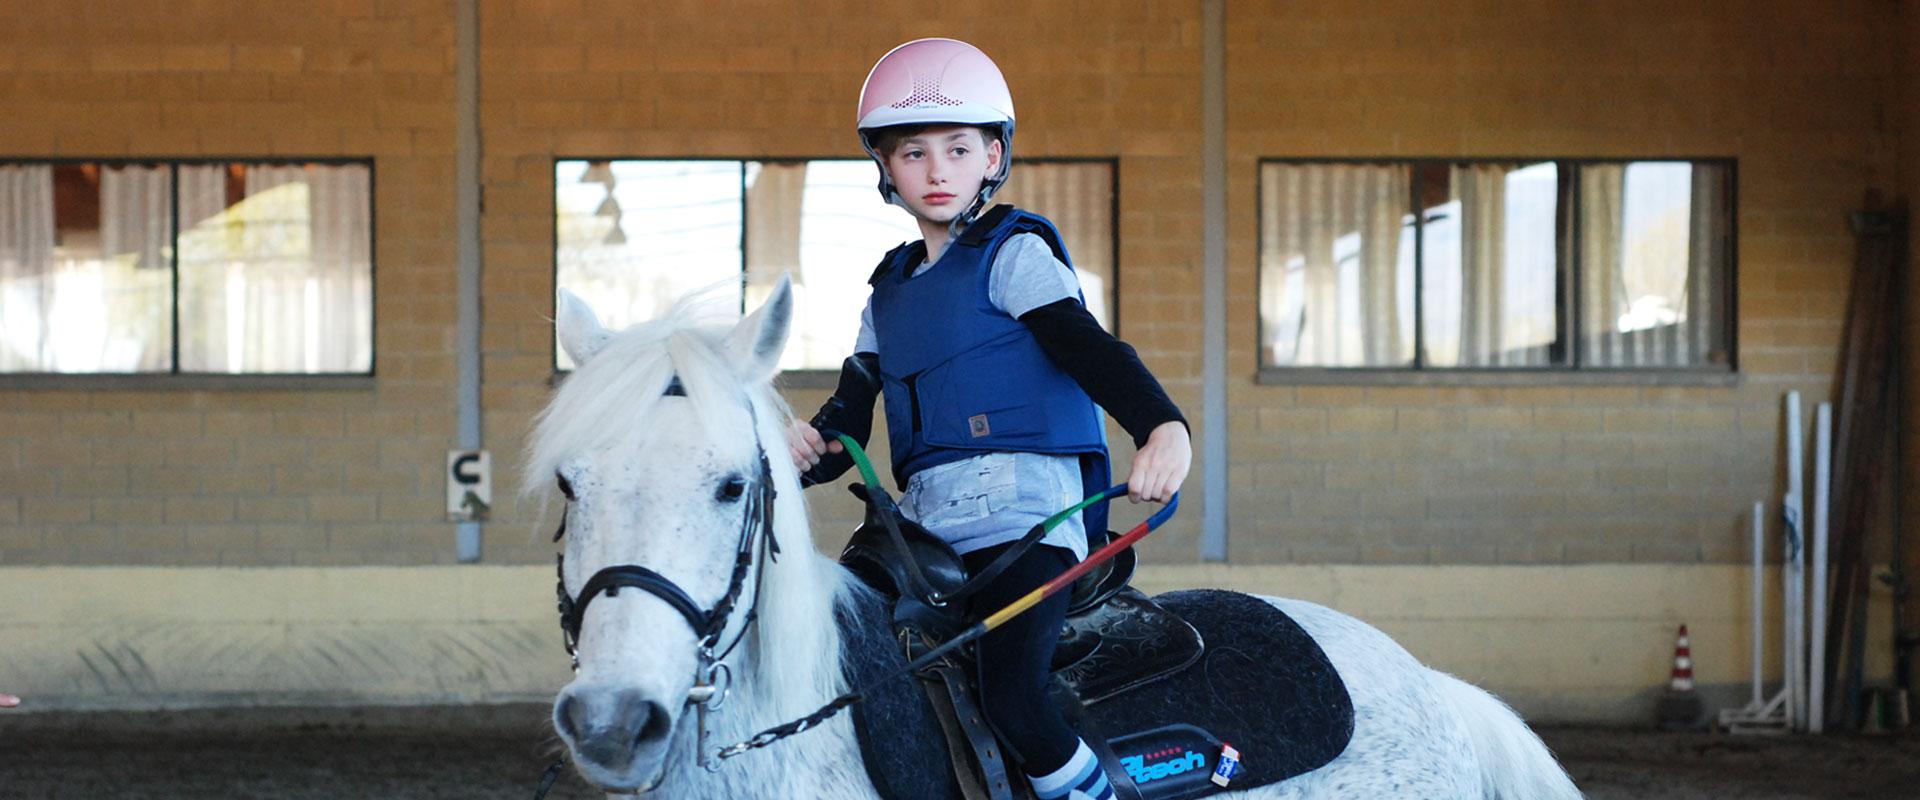 Equitazione americana per bambini e adulti